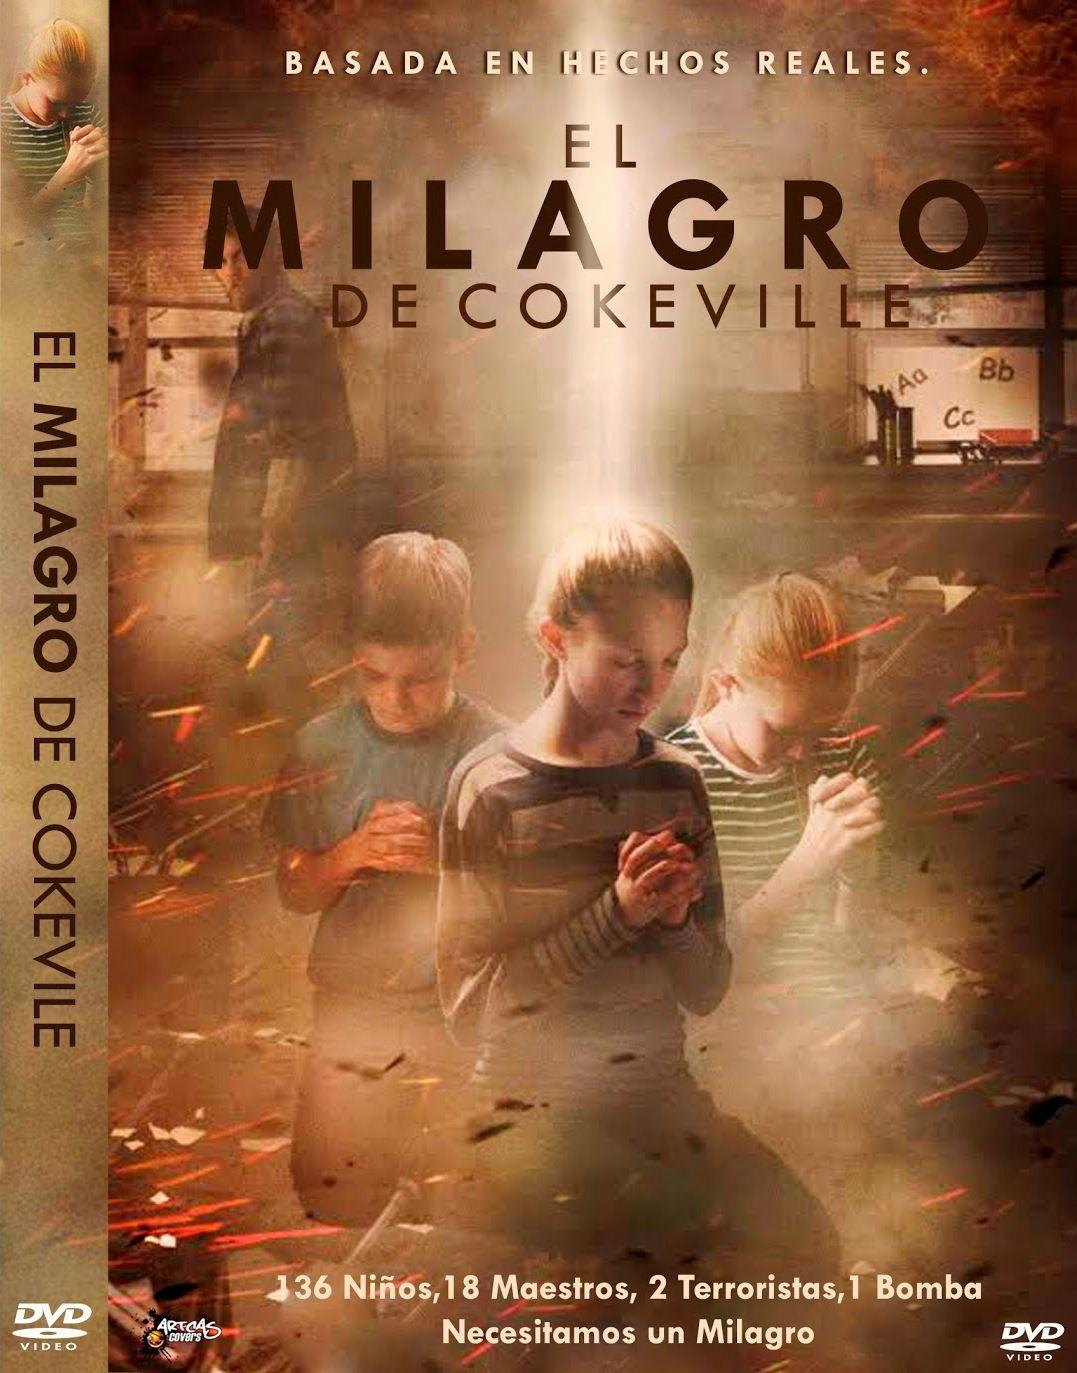 El Milagro De Cokeville 2015 Peliculas Hermosas Películas Cristianas Peliculas Cine